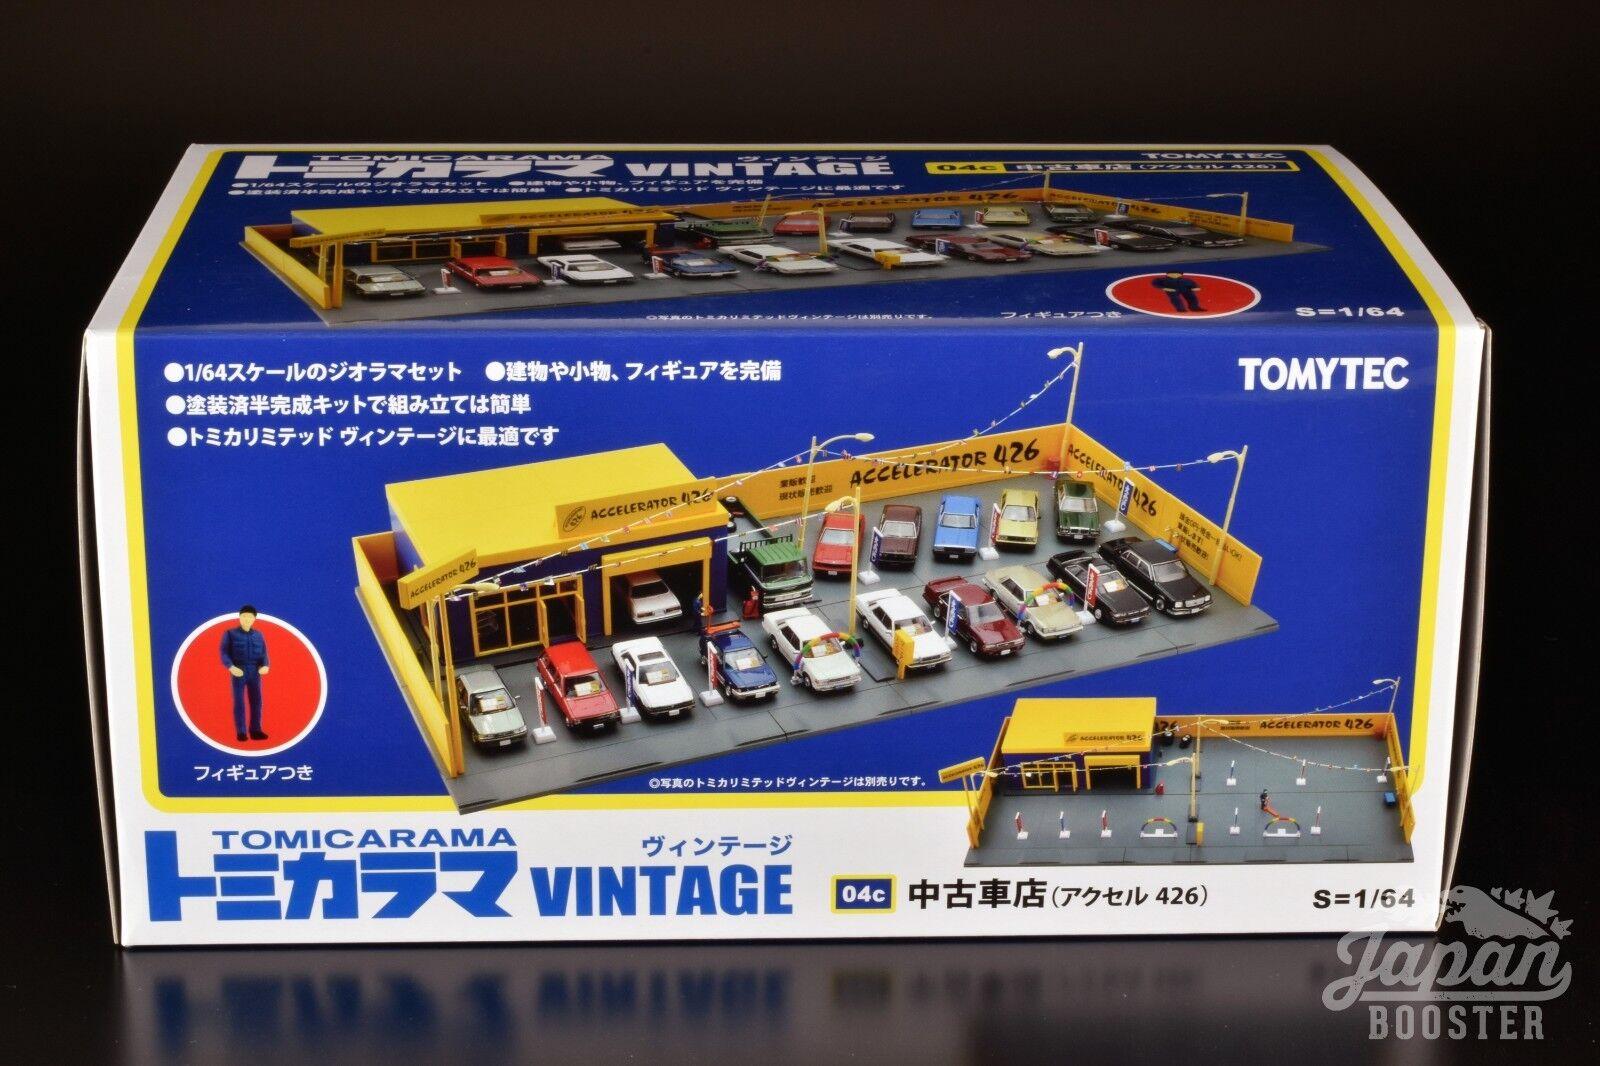 [1/64] tomicarama Vintage 04c utilizado vendedor profesional de automóviles acelerador (426)